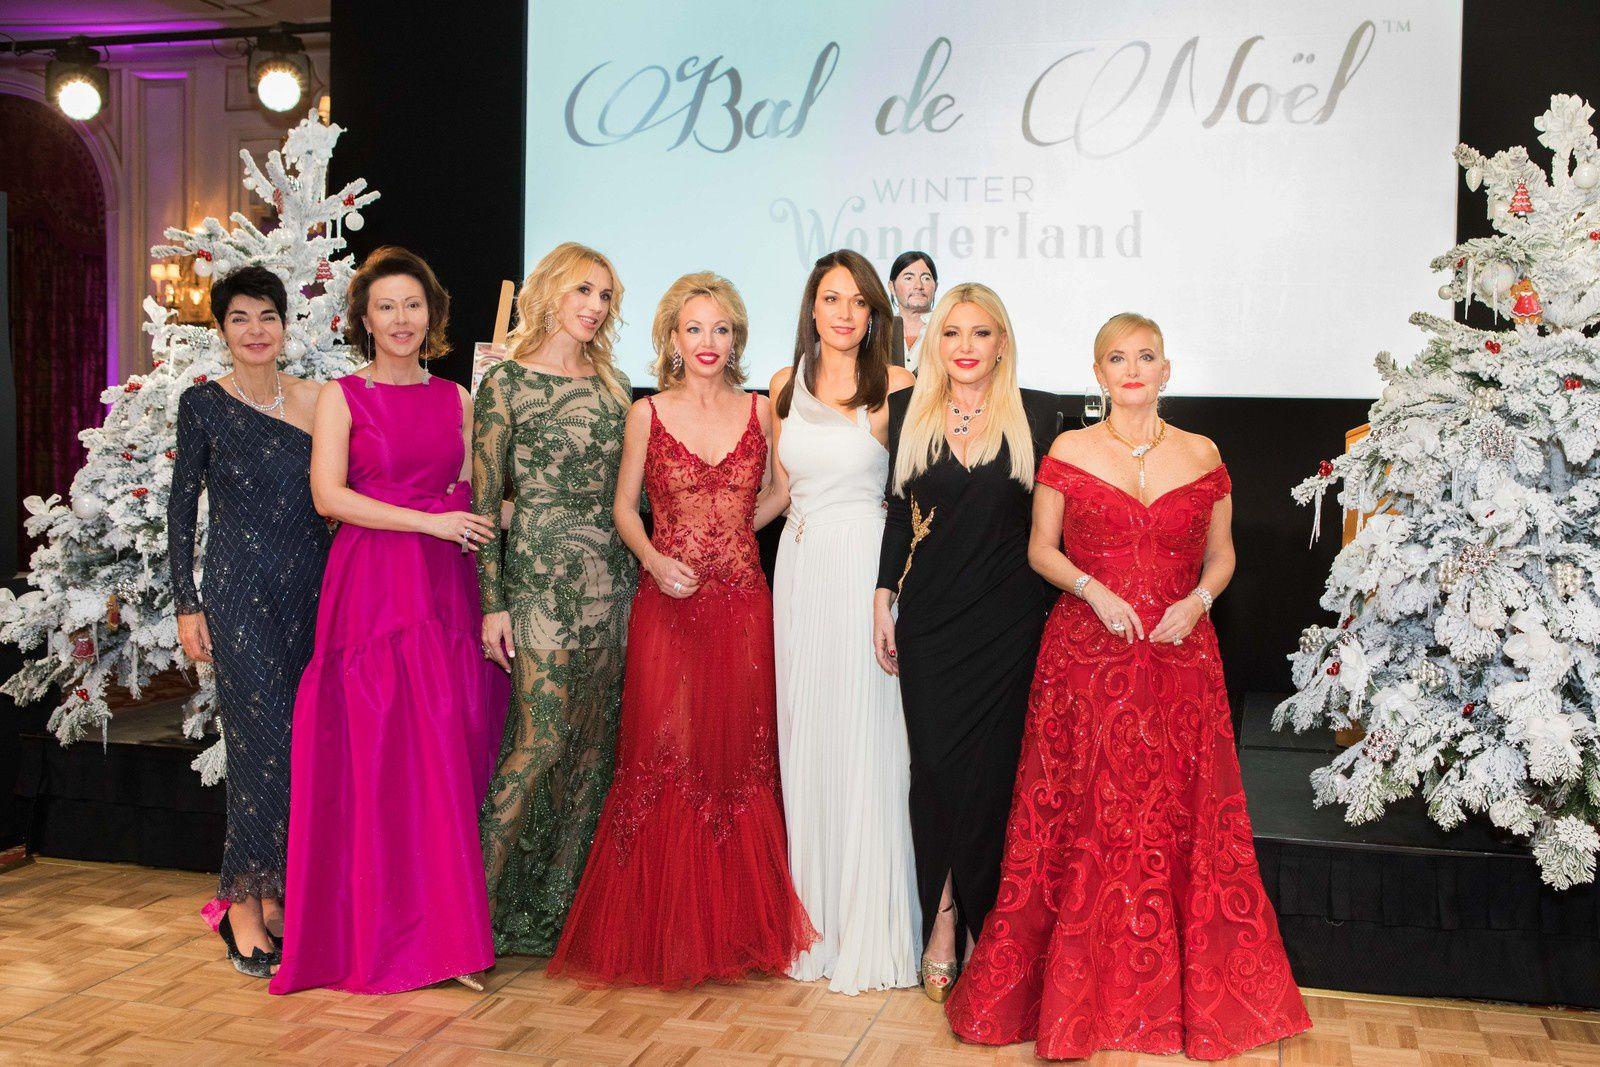 Monte-Carlo: Bal de Noël de la Four Stars Event